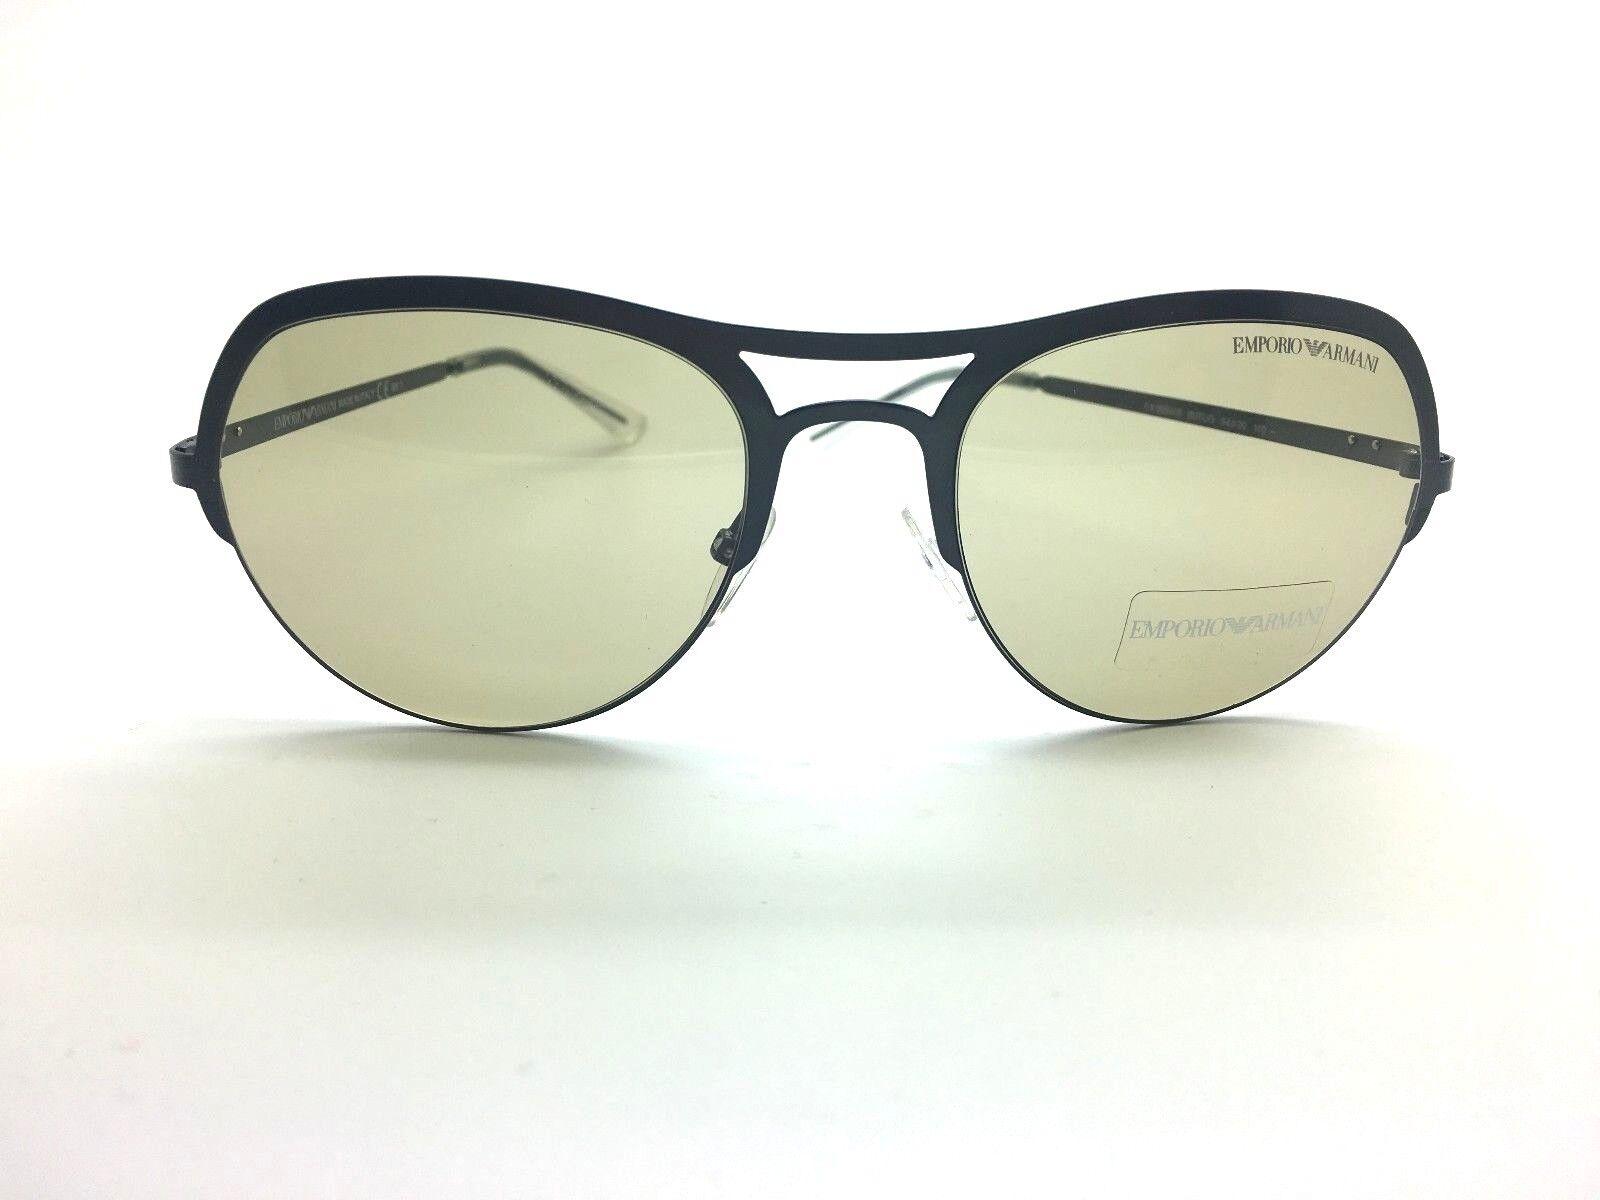 70bc7feea9d06 Emporio Armani Authentic Sunglasses Men EA 9854 S + Case Free ...